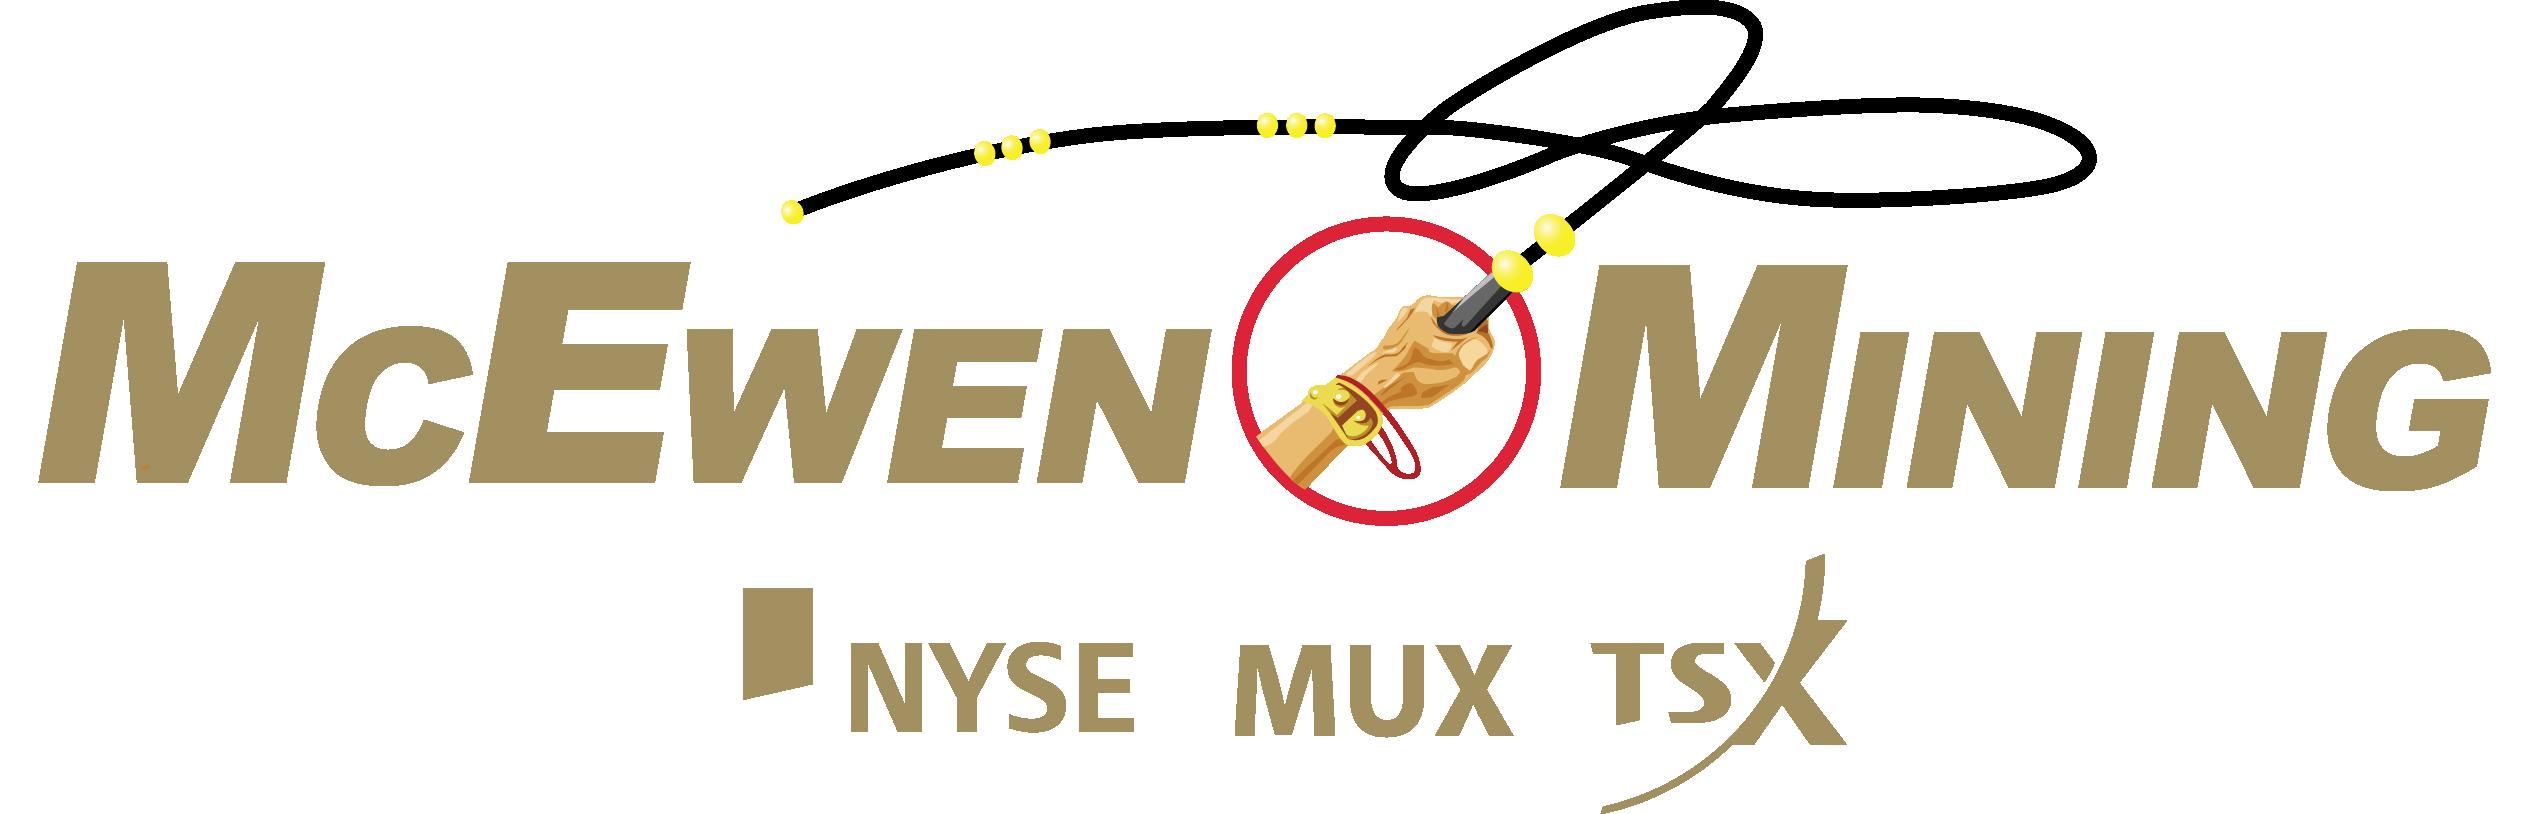 Mcewen mining_logo_mux_2011